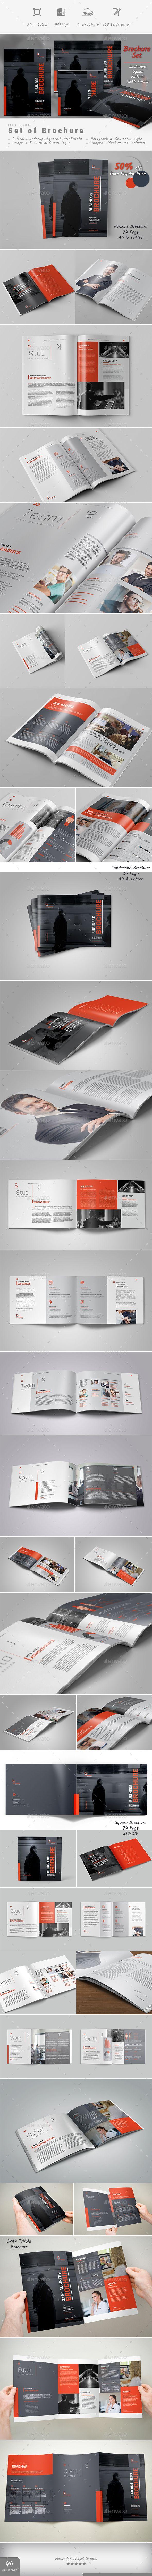 212 besten brochure Bilder auf Pinterest | Grafiken, Katalog und ...